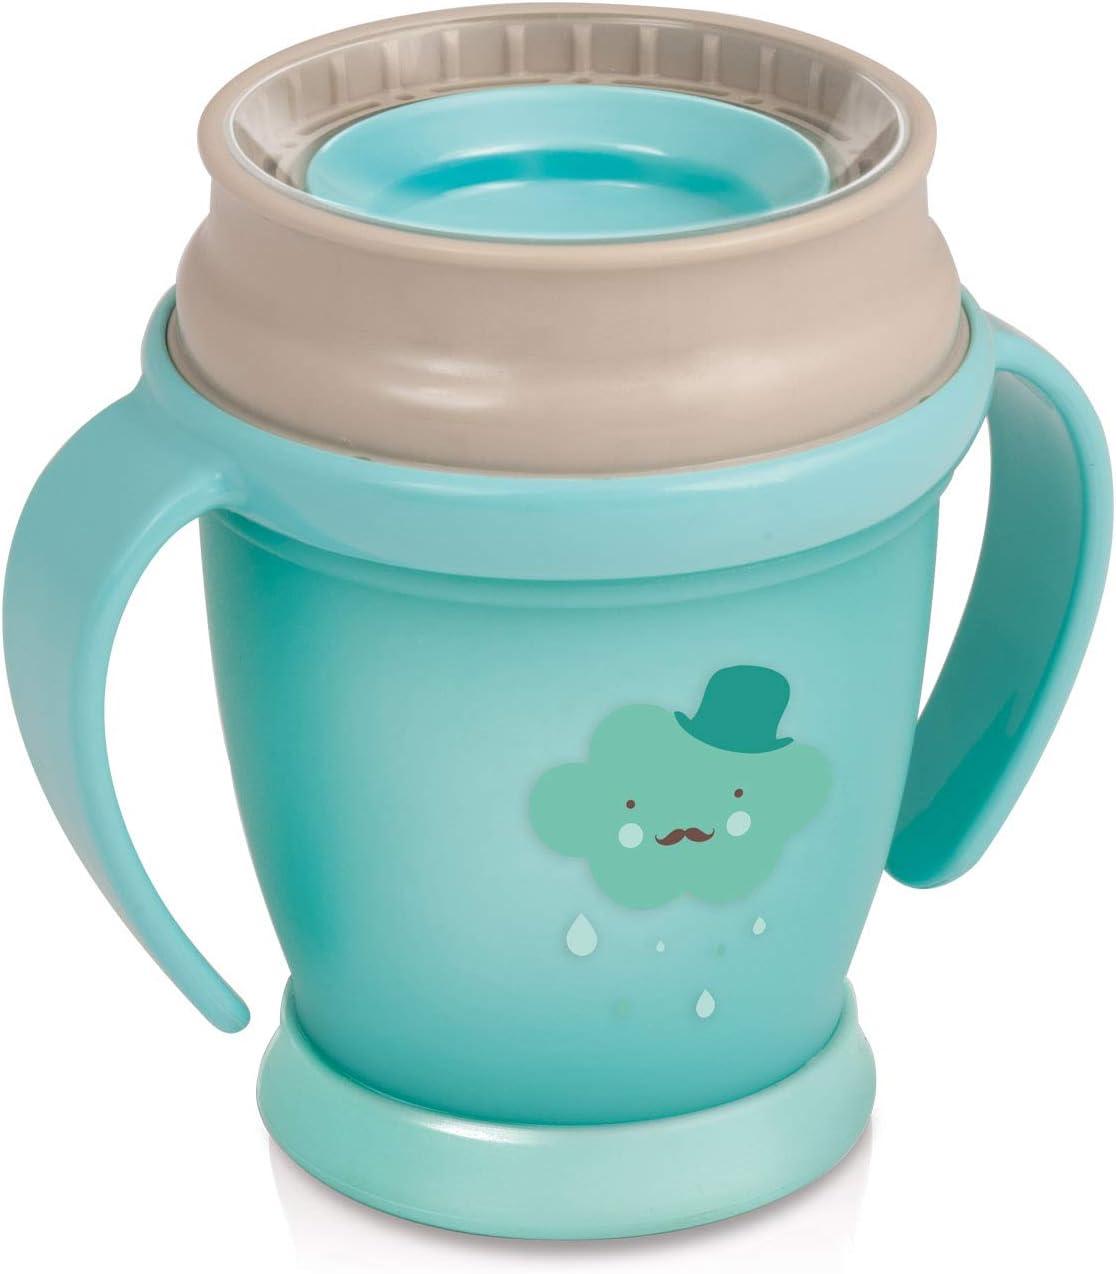 LOVI 360 Grados Vaso de Entrenamiento Antiderrames | 9m+ | 210 ml | Sin BPA | SteriTouch Protección Antibacteriana| Innovador Sistema de Sellado | Fácil de Limpiar | Retro Baby Colección | Menta